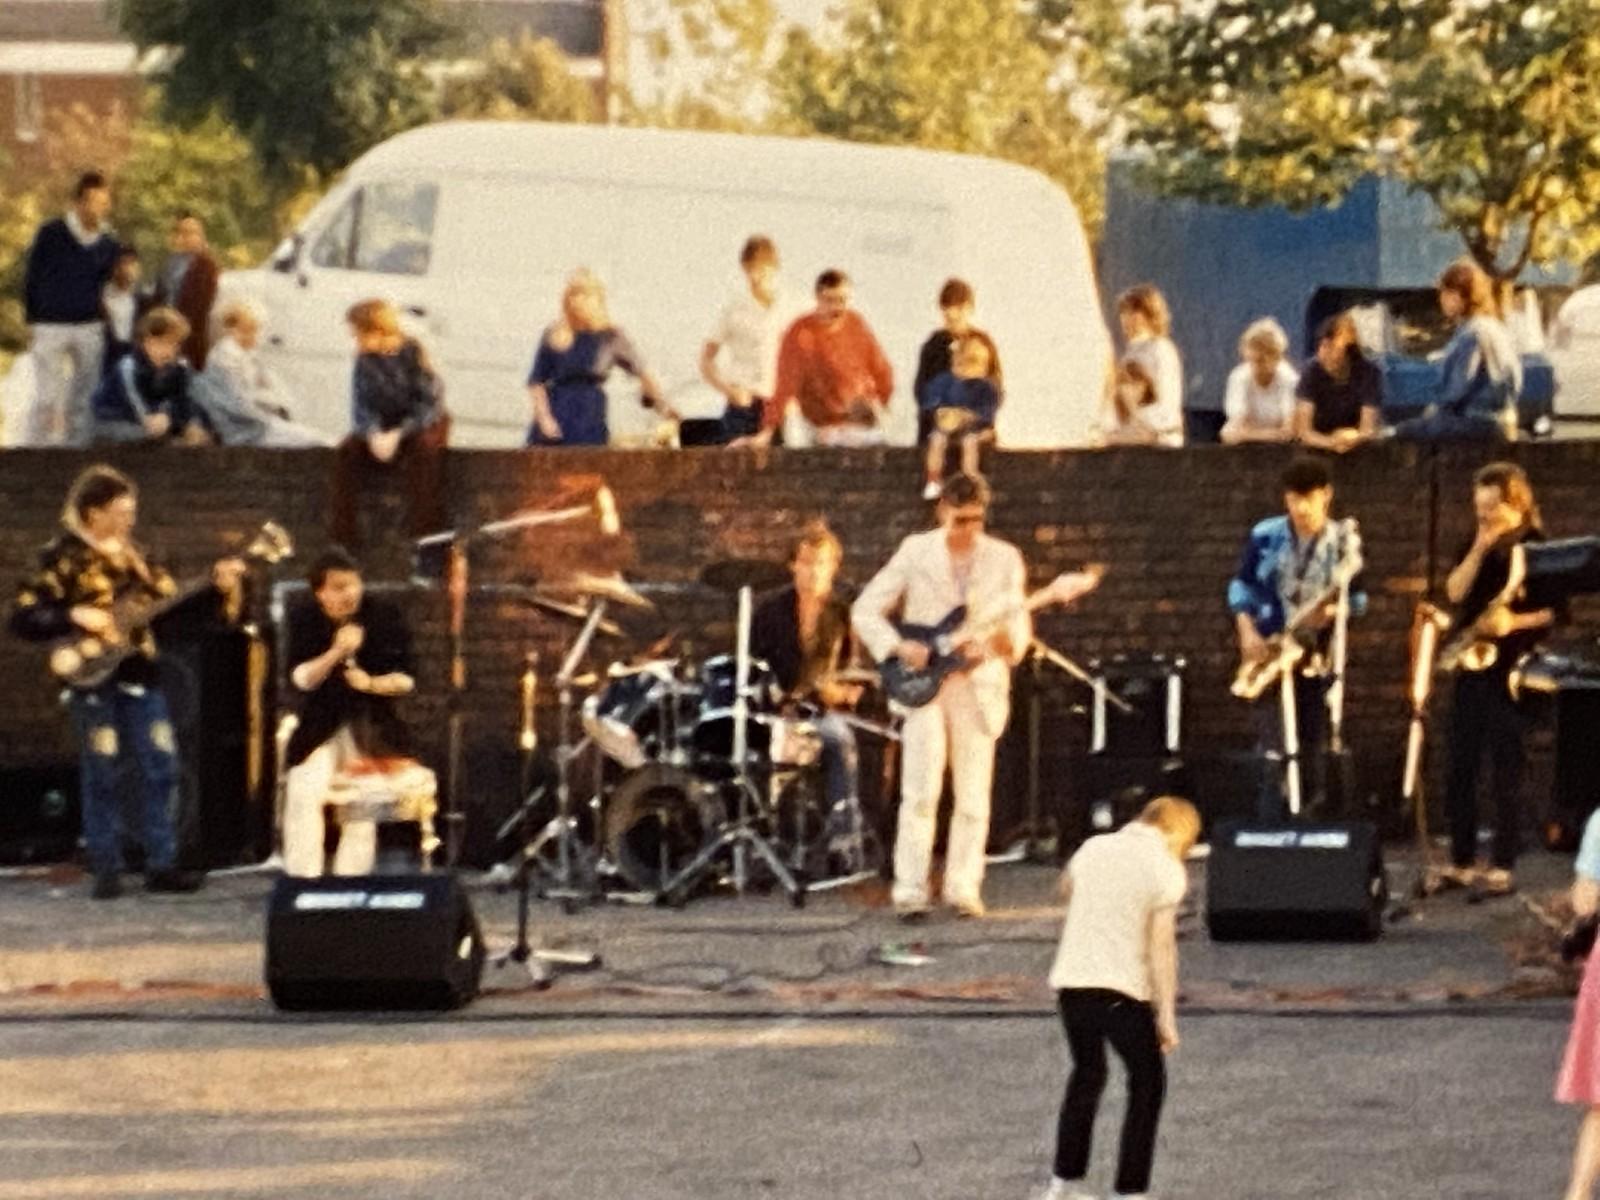 Grahame Park Festival 1986